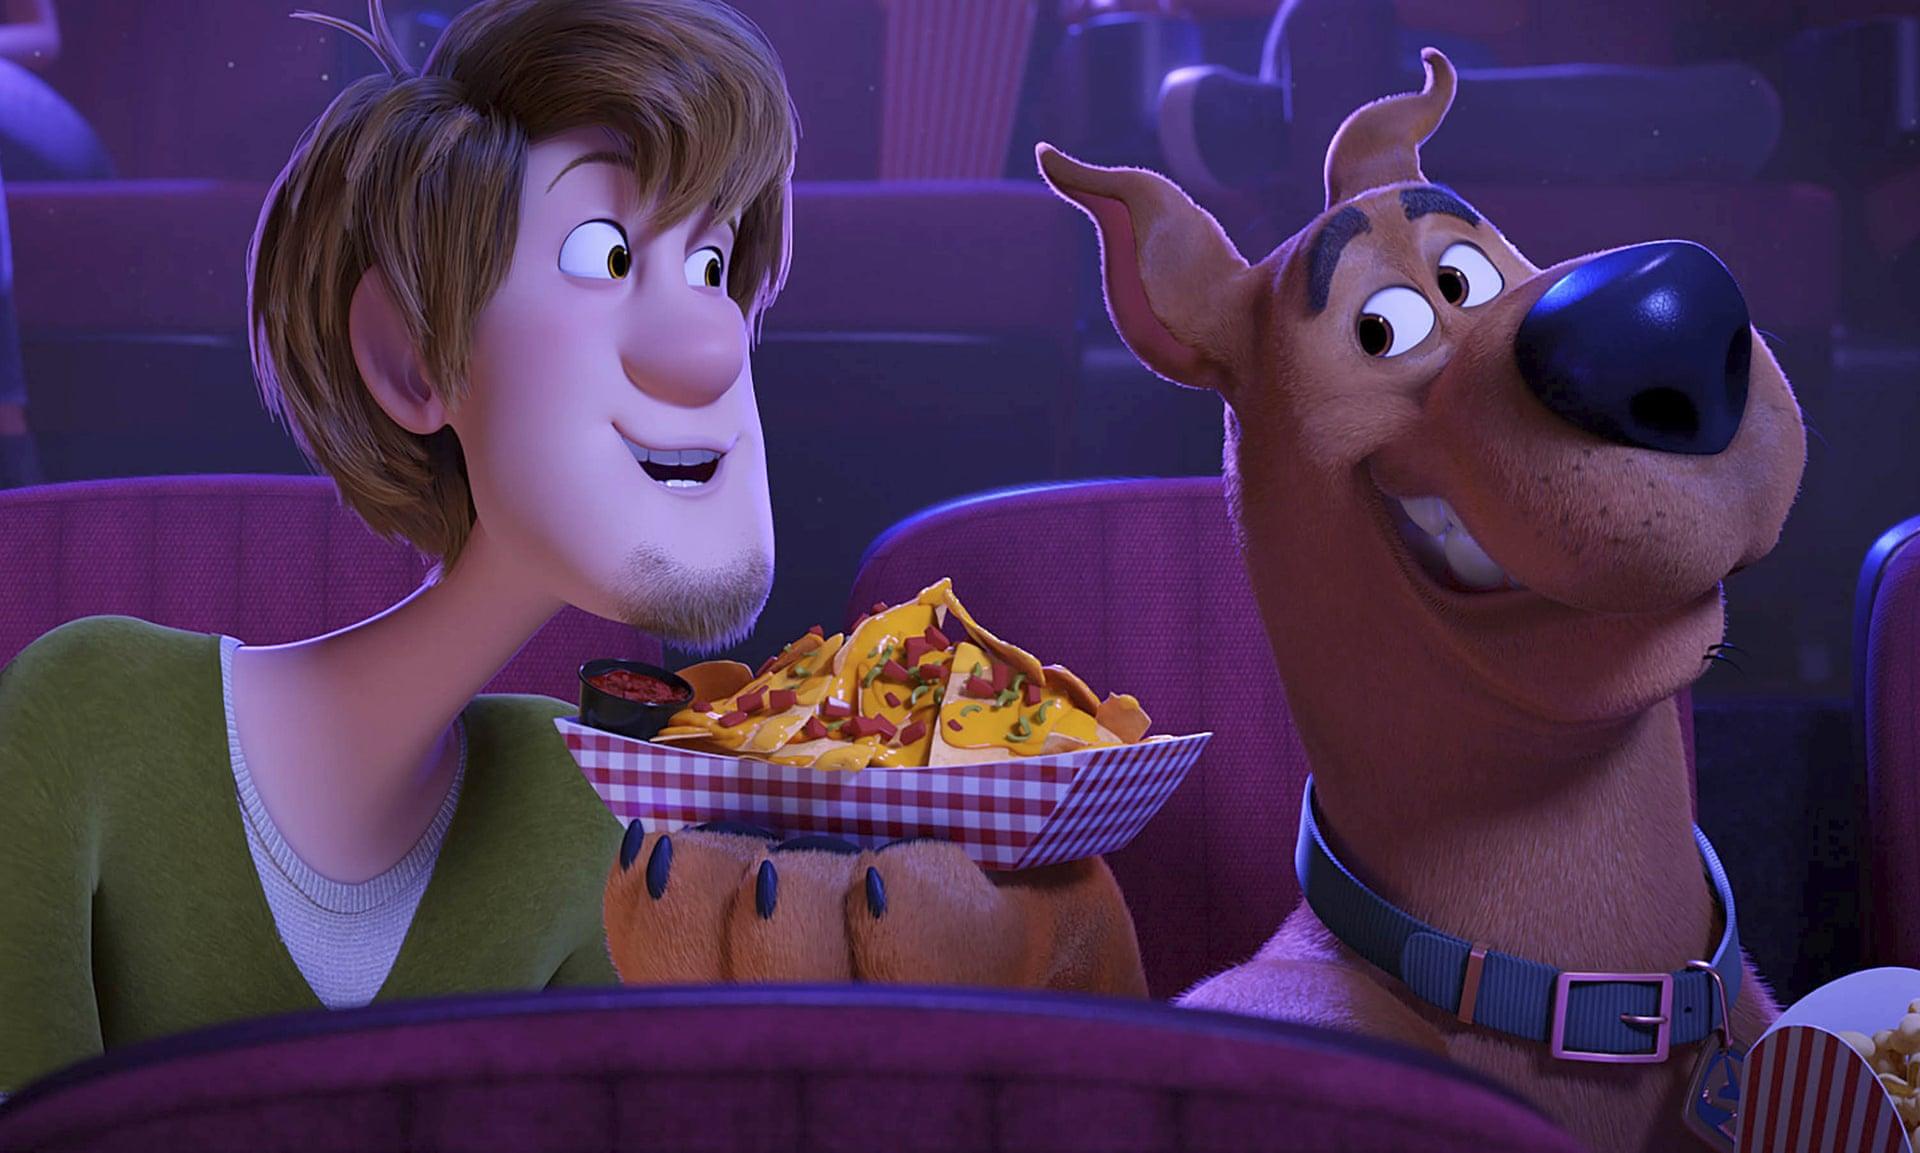 《狗狗史酷比!》無雷心得:有著優秀共同世界觀連結且是給粉絲的情書電影!